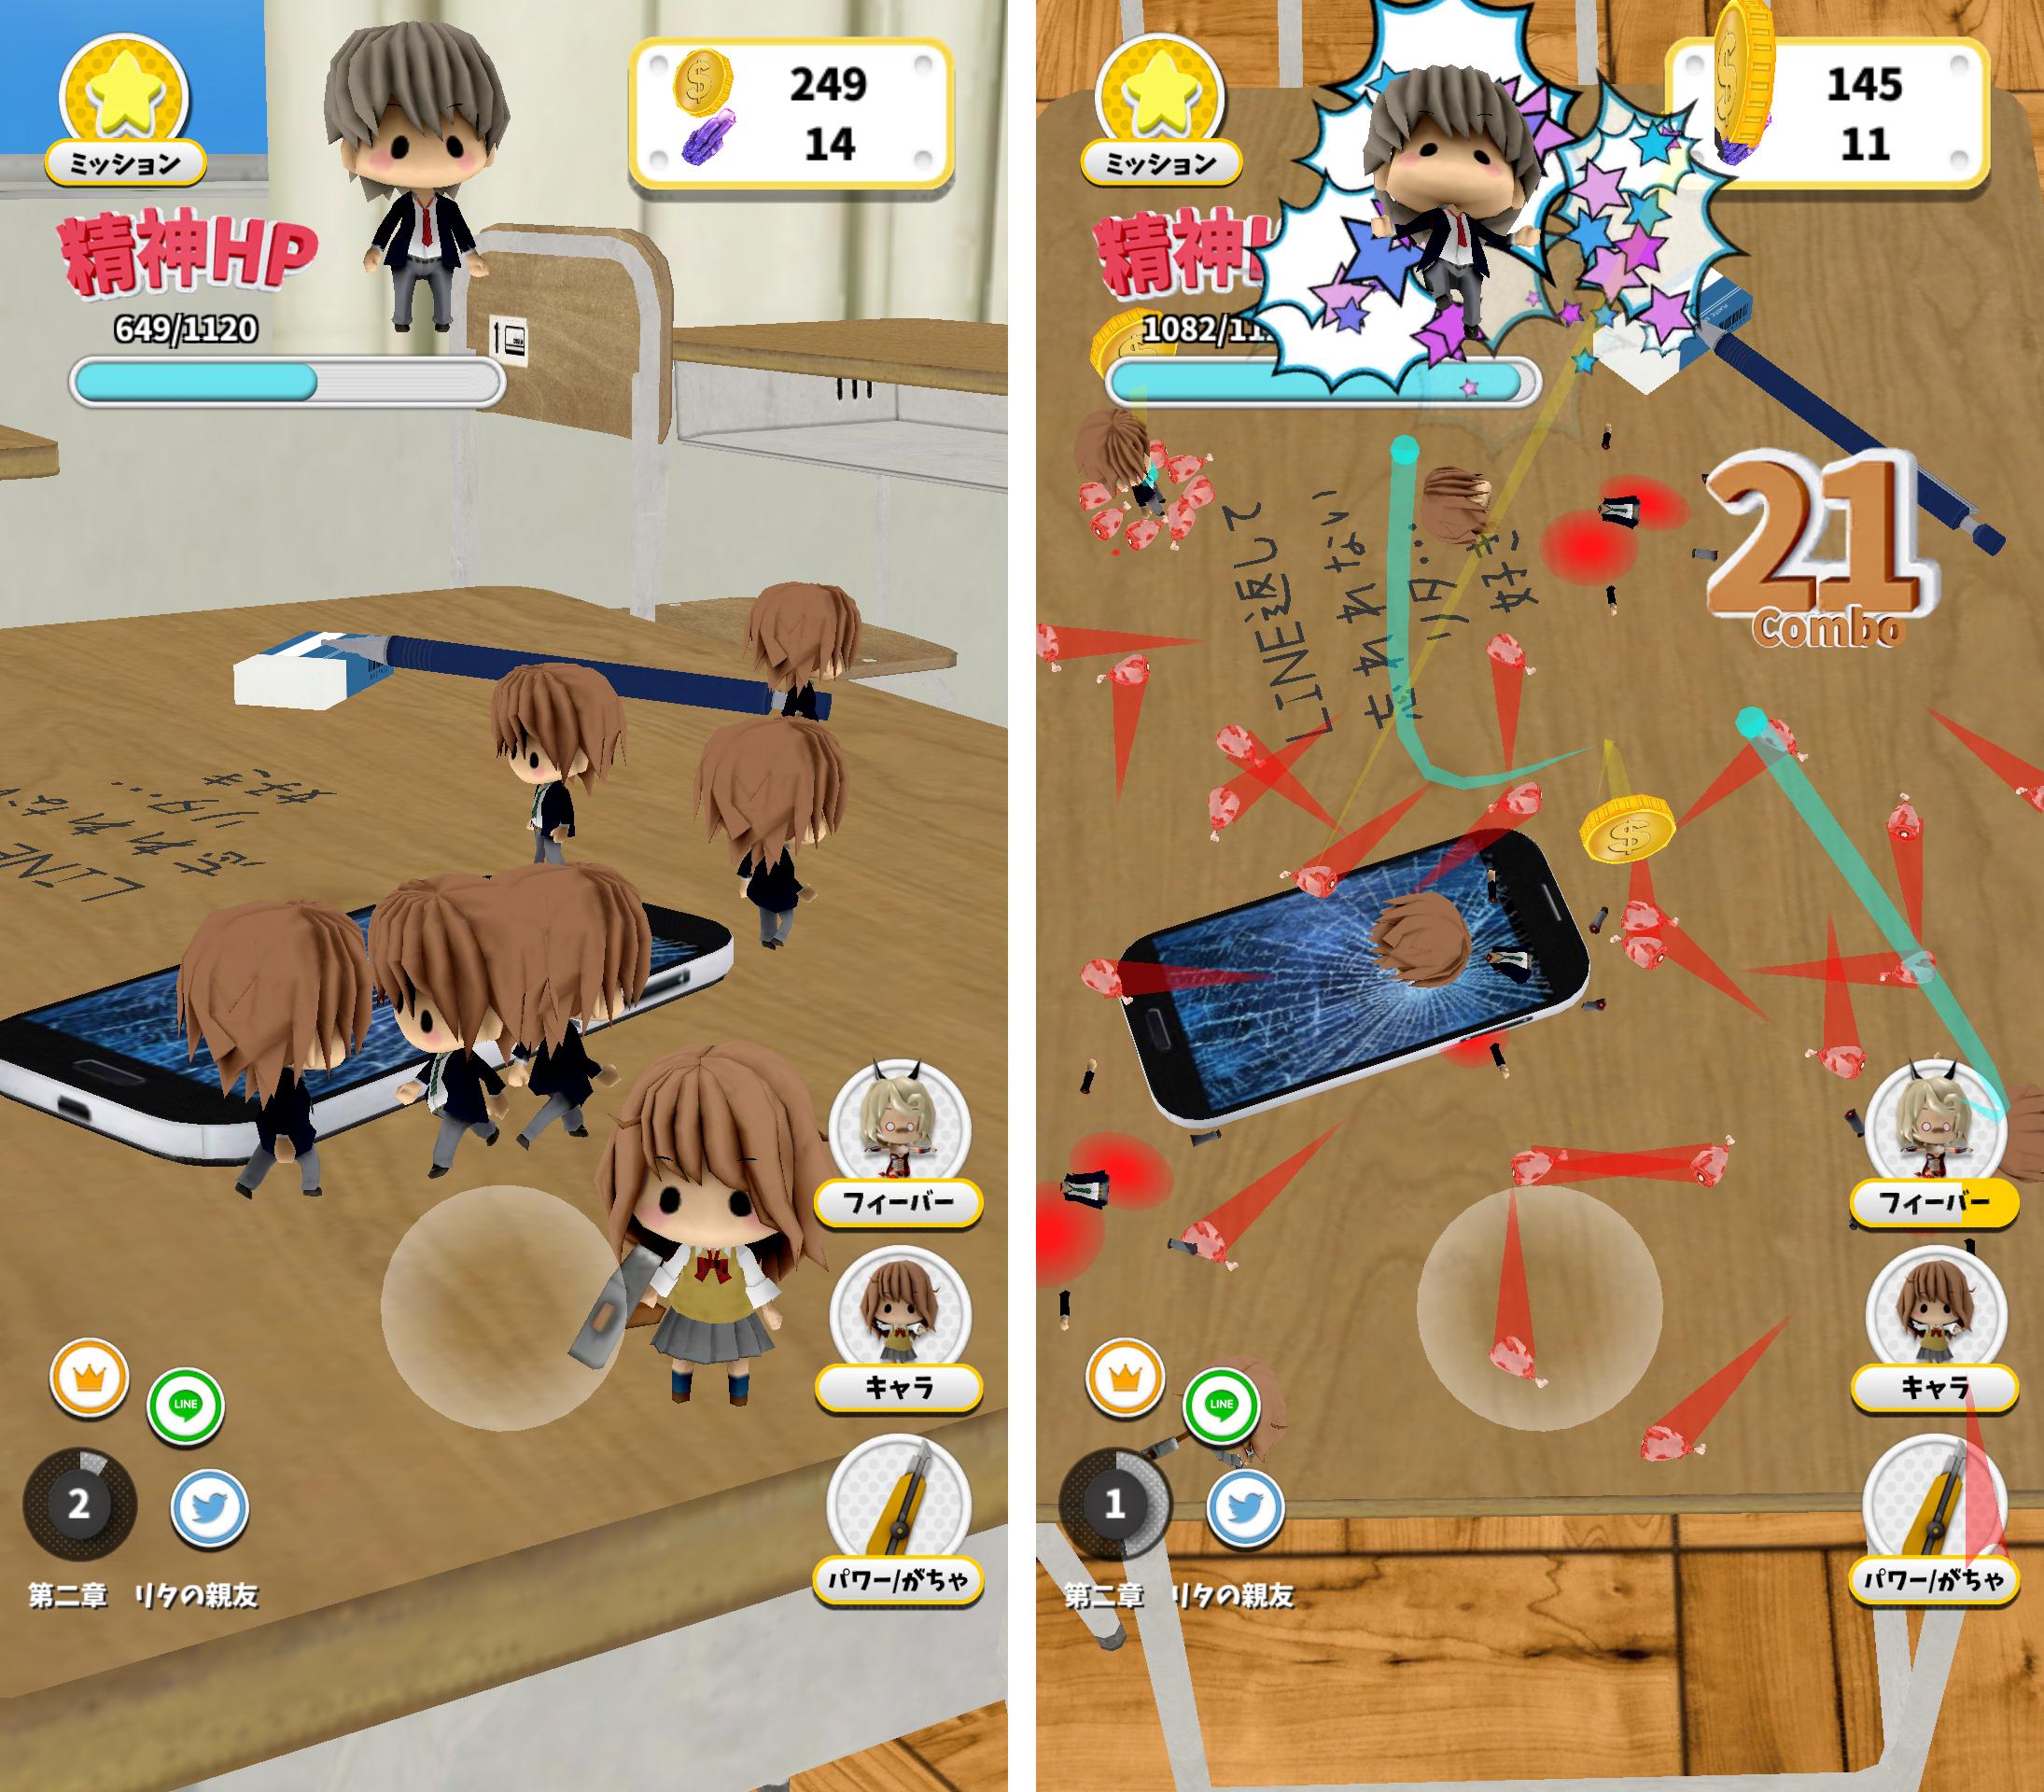 なほちゃん【あなたを死んでも許さない】 androidアプリスクリーンショット1